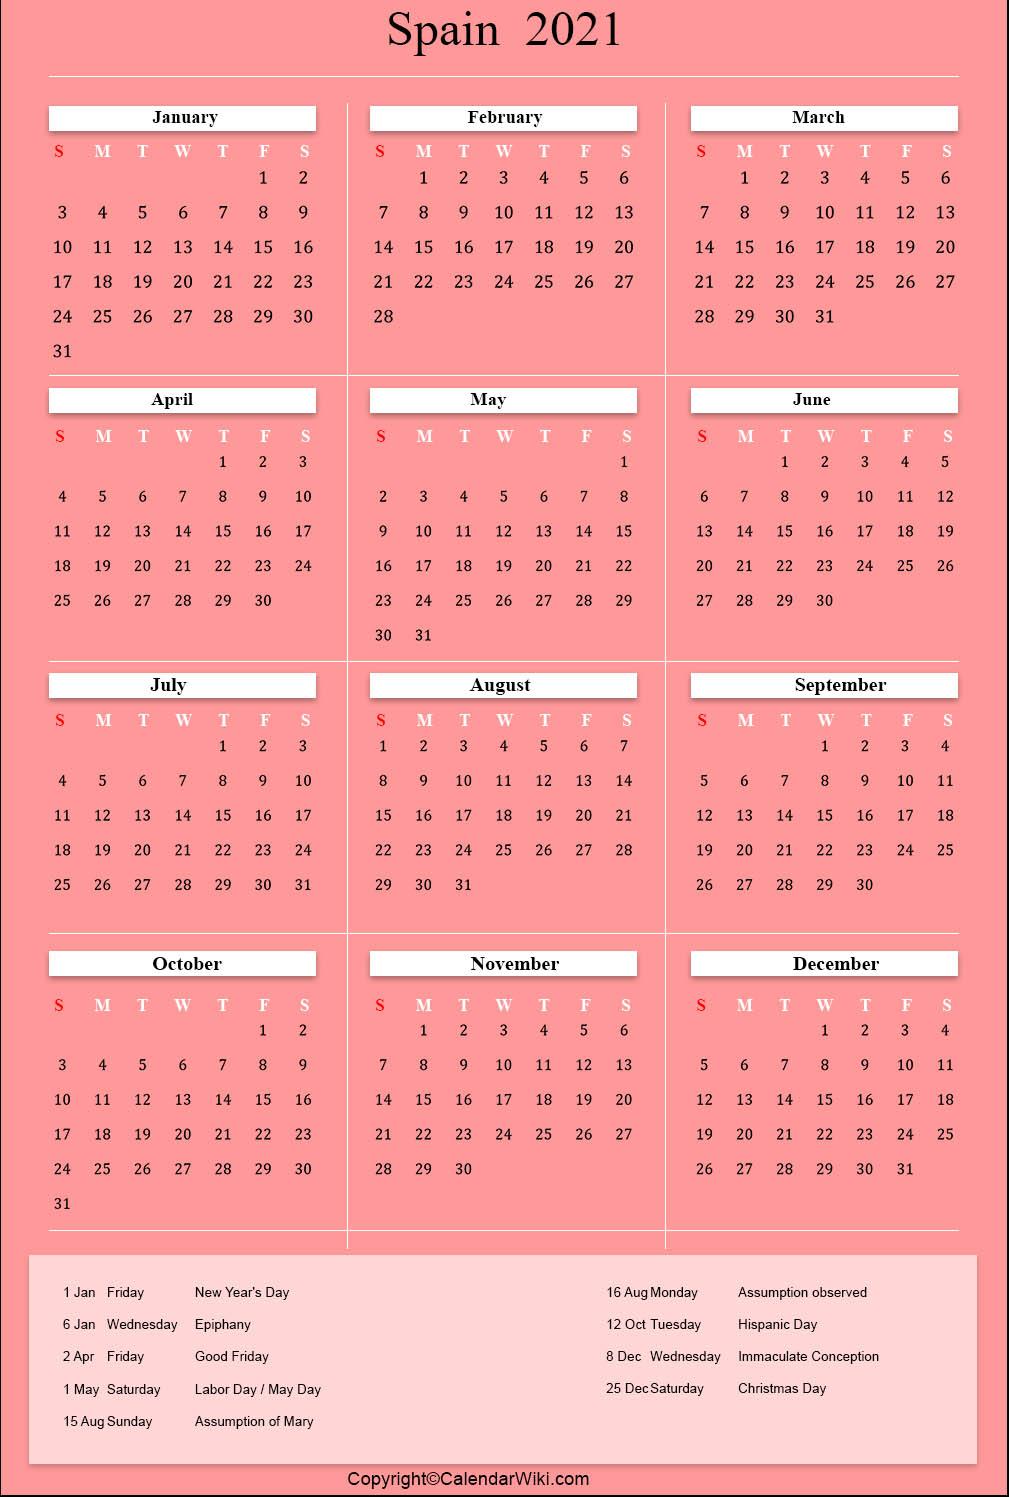 Printable Spain Calendar 2021 With Holidays Public Holidays